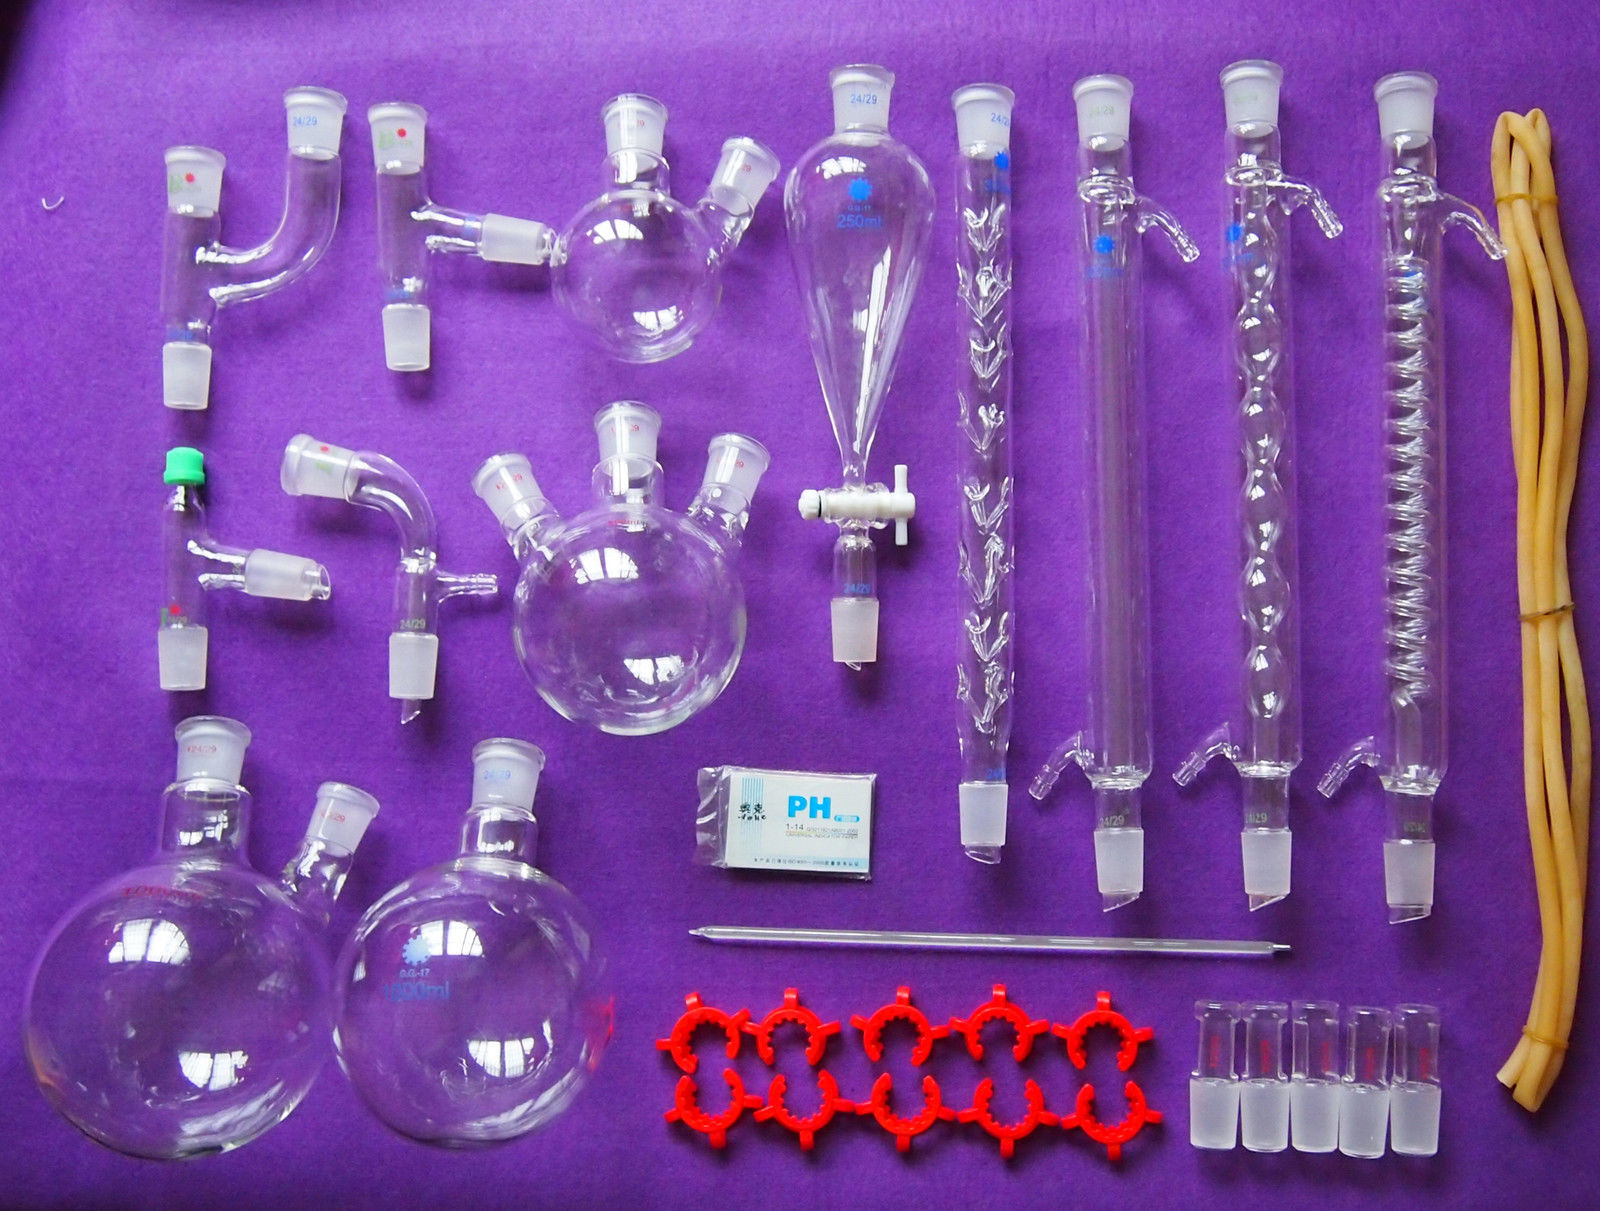 Novo kit de Vidro para Laboratório de Química, Laboratório Vidraria Conjunto Com 24/29 Articulações